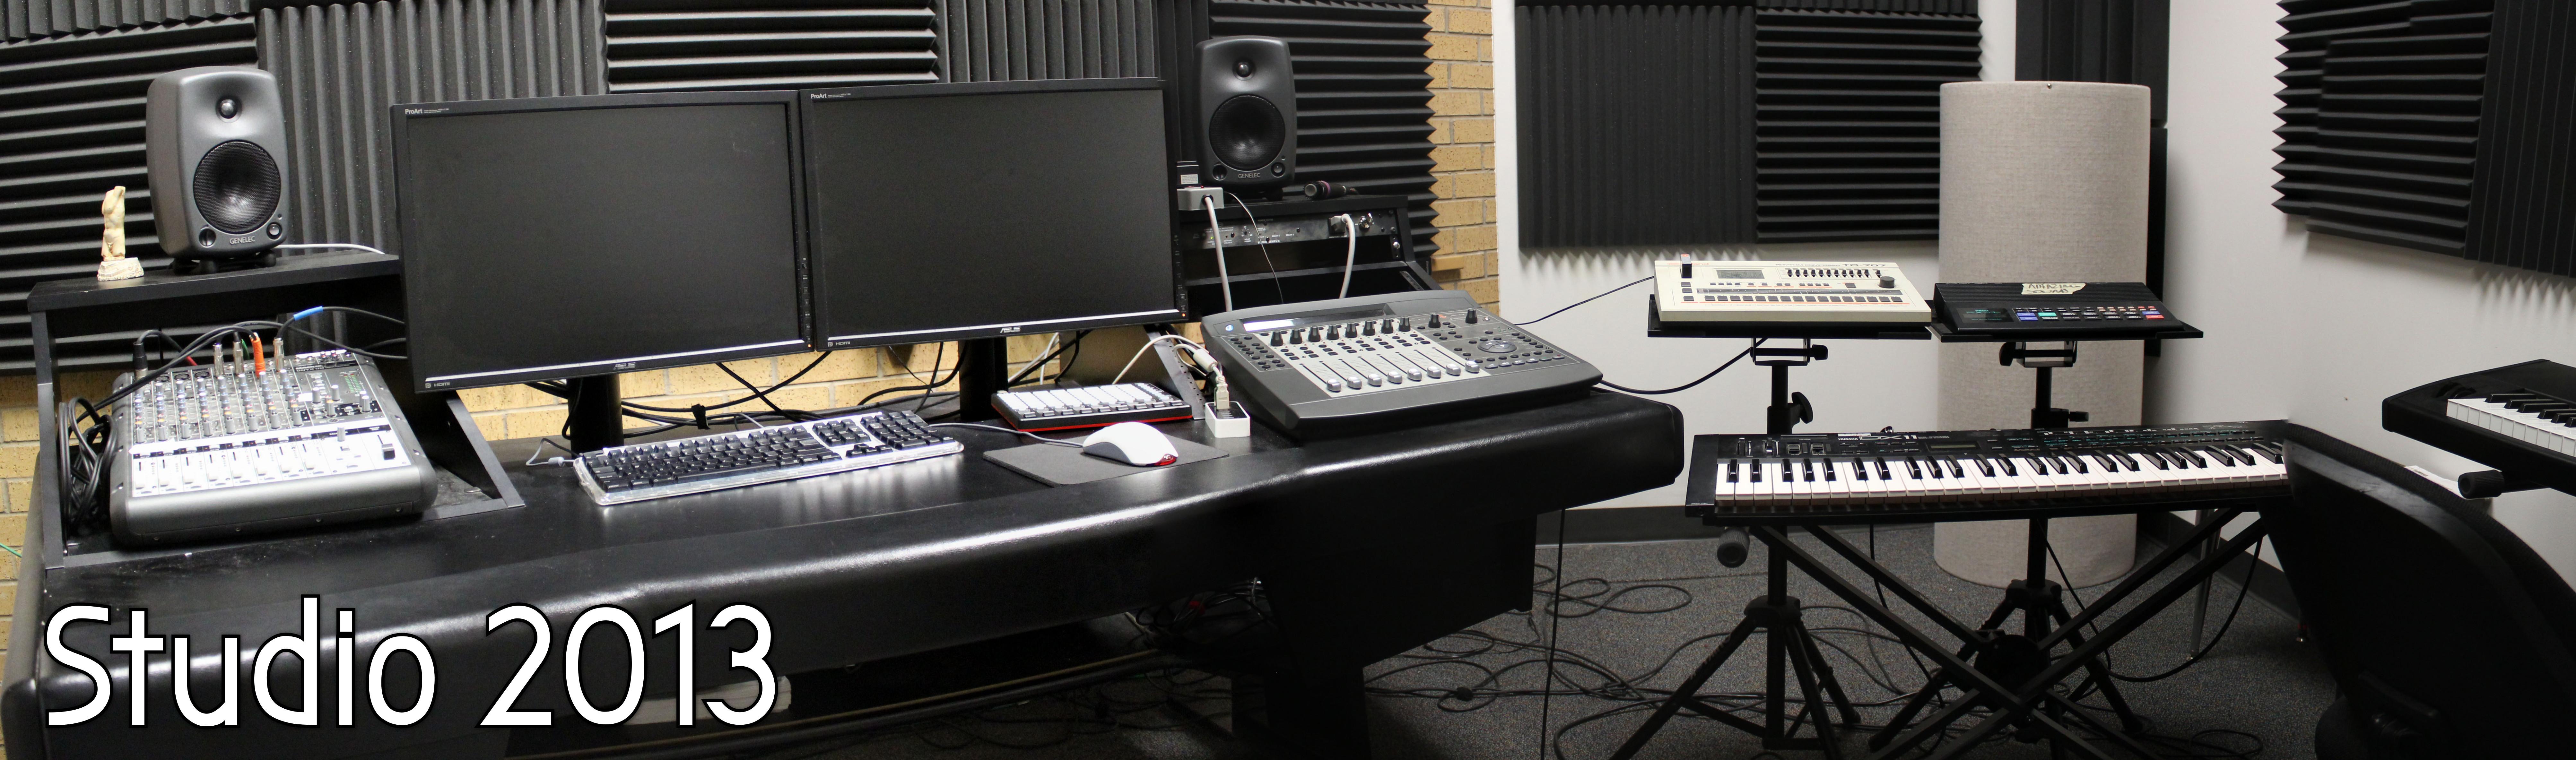 Panoramic Image of Studio 2013